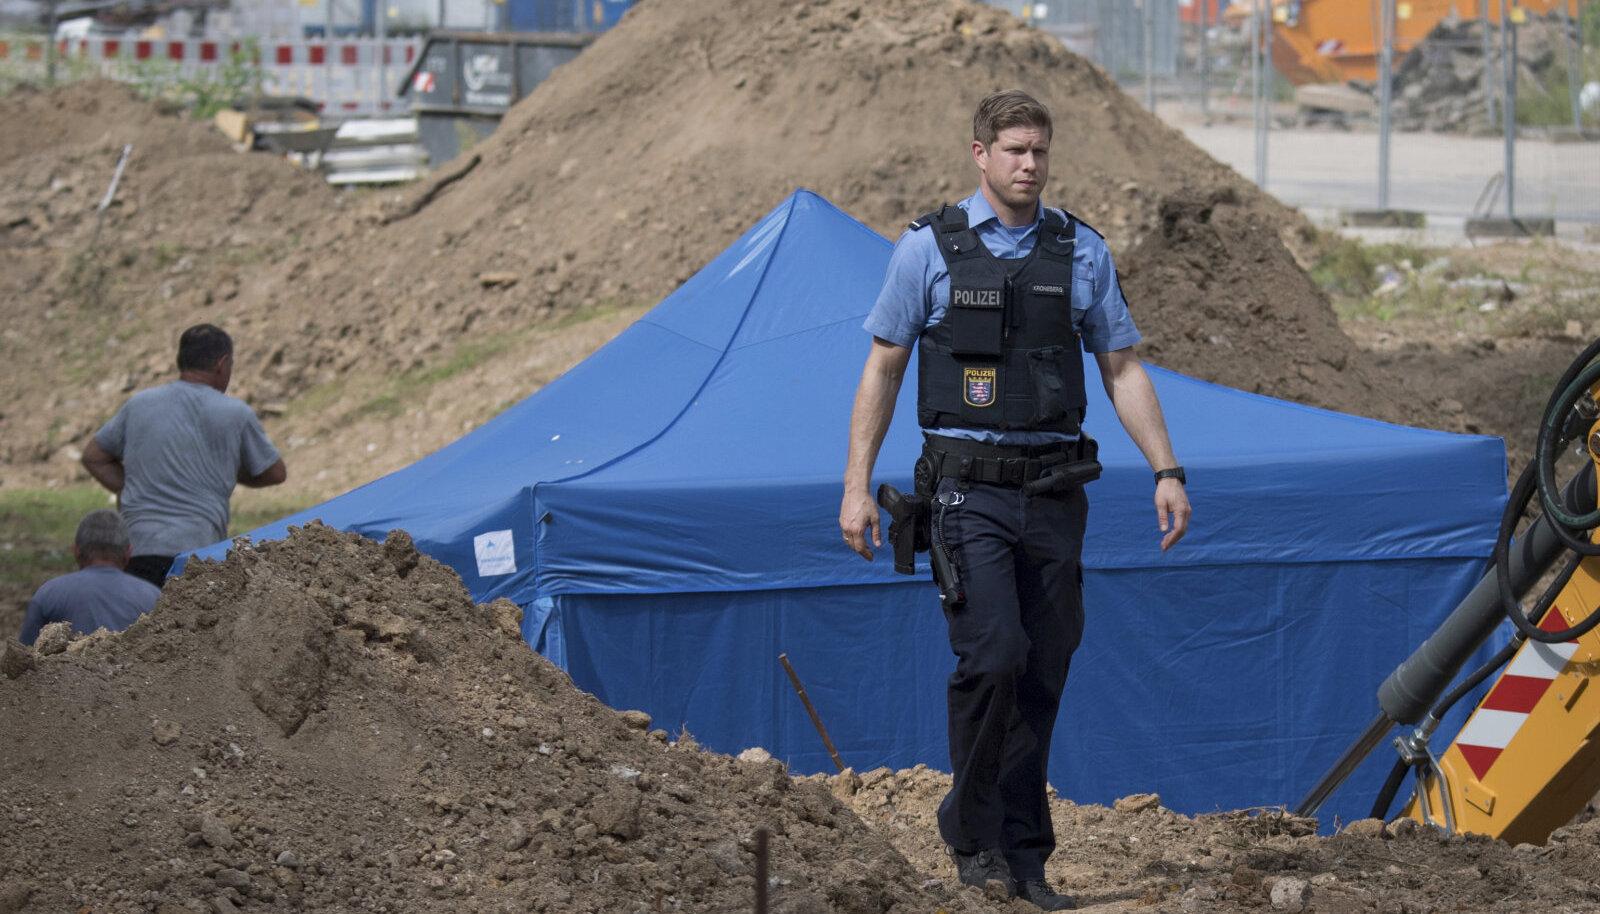 Ehitustööde käigus leitud 1,4 tonni kaaluvale pommile püstitati ümber sinine telk